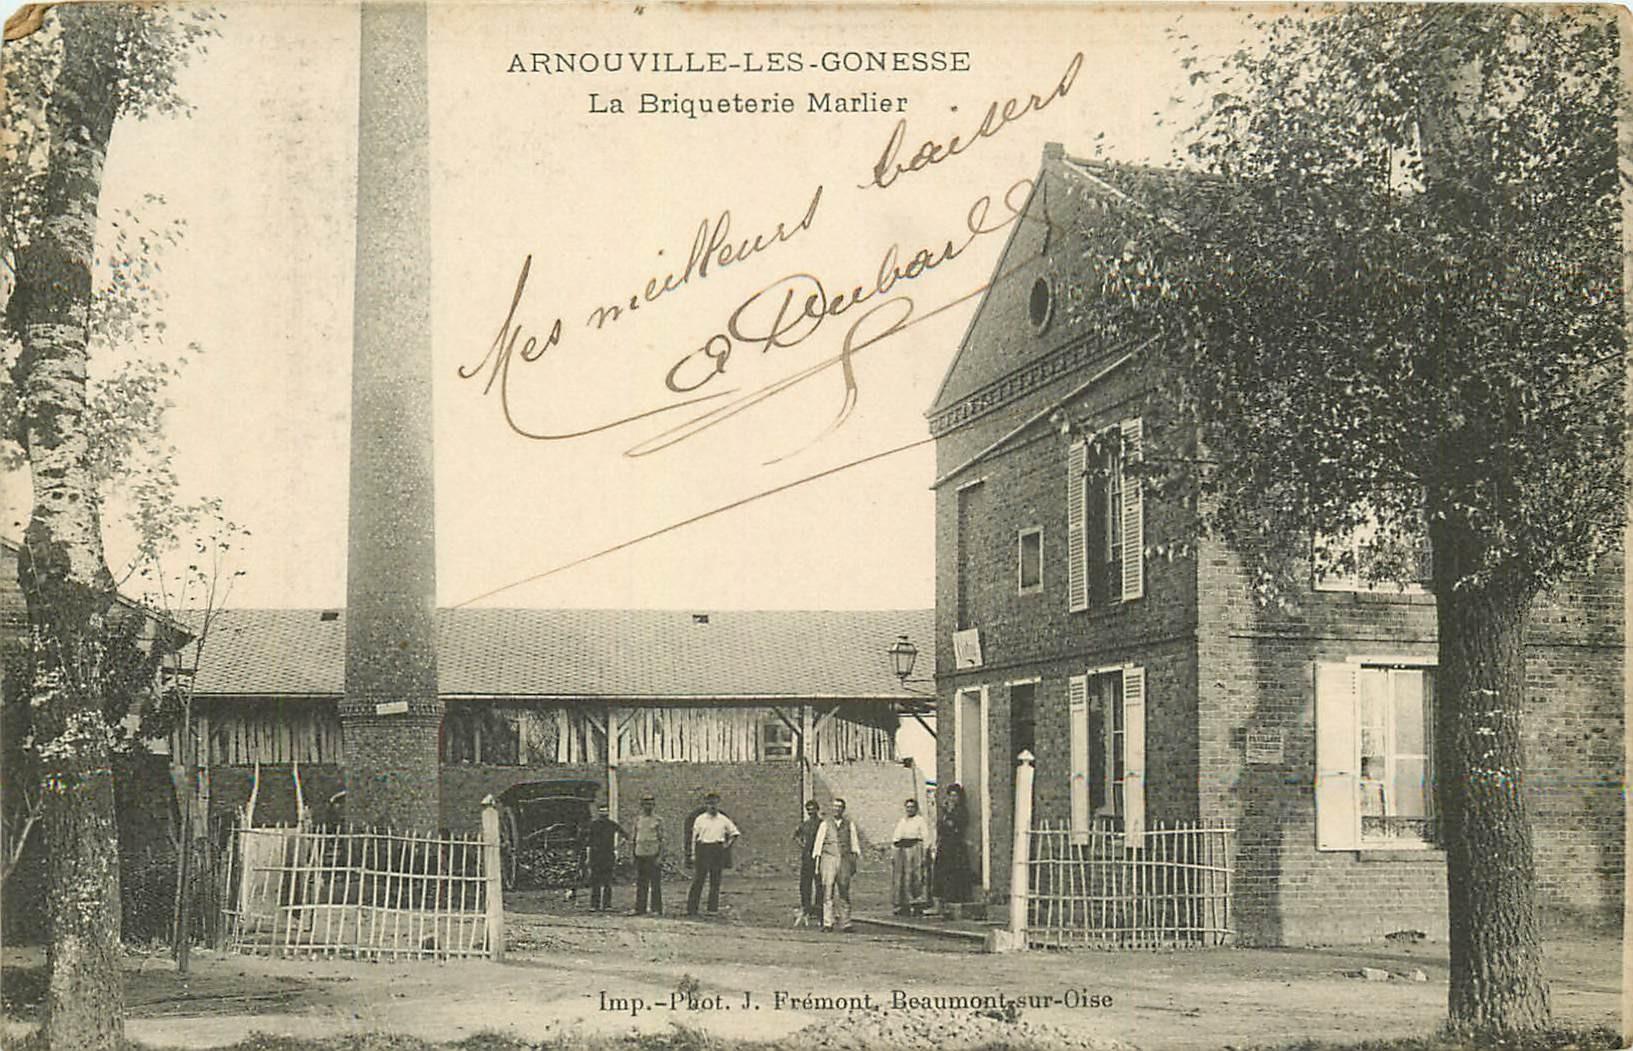 95 ARNOUVILLE-LES-GONESSE. La Briqueterie Marlier 1915